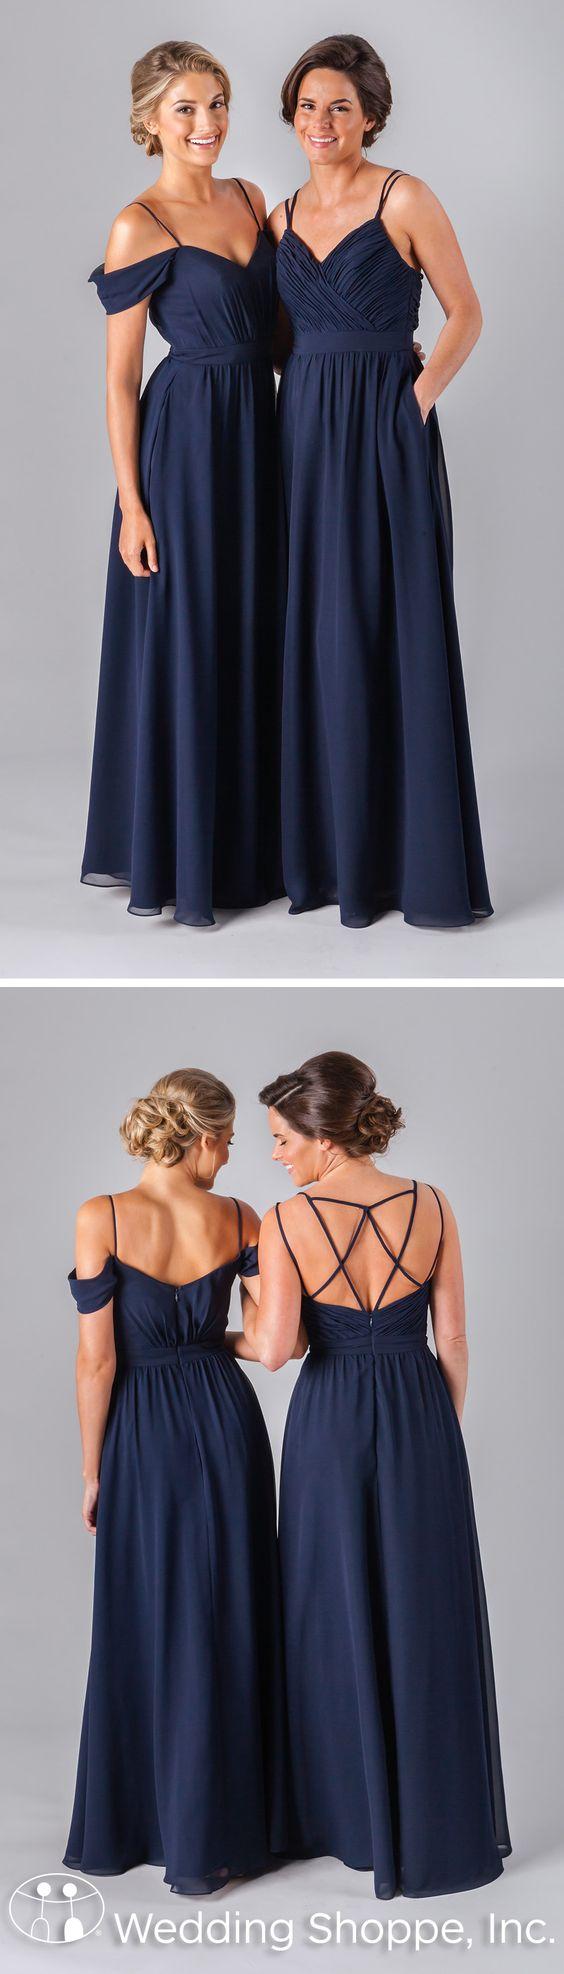 Long bridesmaid dress navy blue bridesmaid dress chiffon